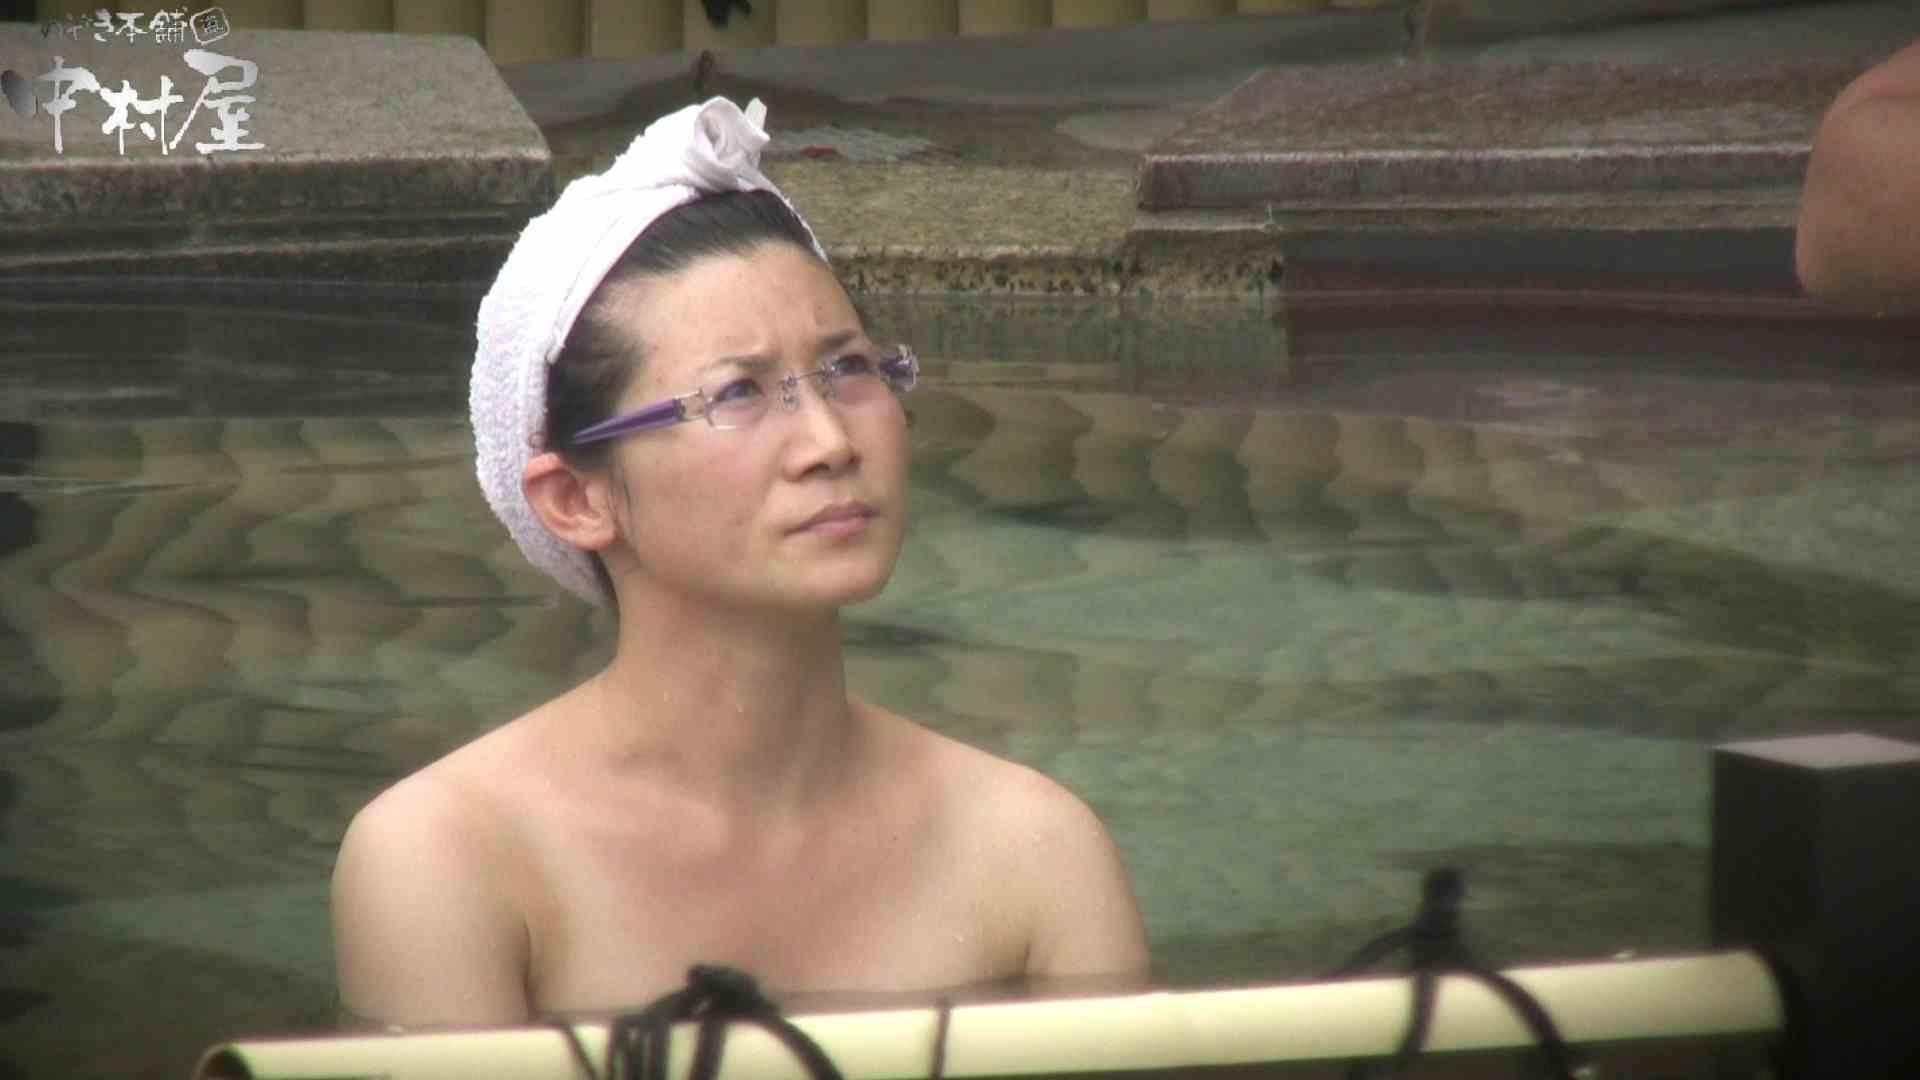 Aquaな露天風呂Vol.905 露天 | 盗撮  90pic 38